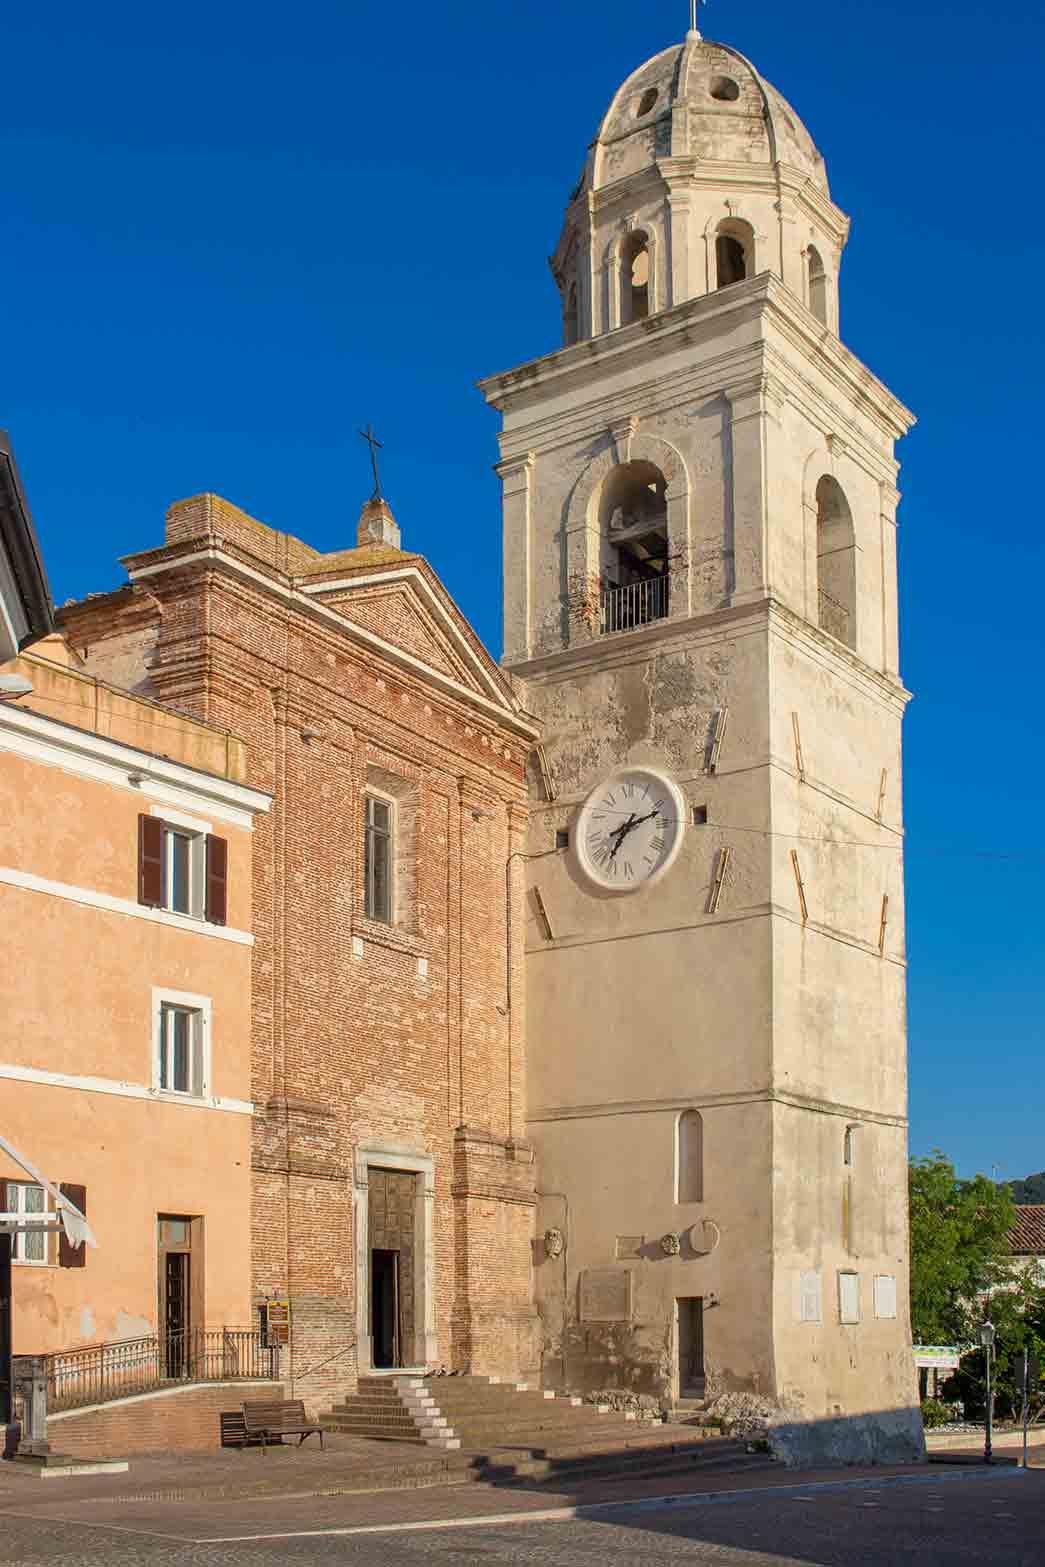 Chiesa San Nicola di Bari - Sirolo